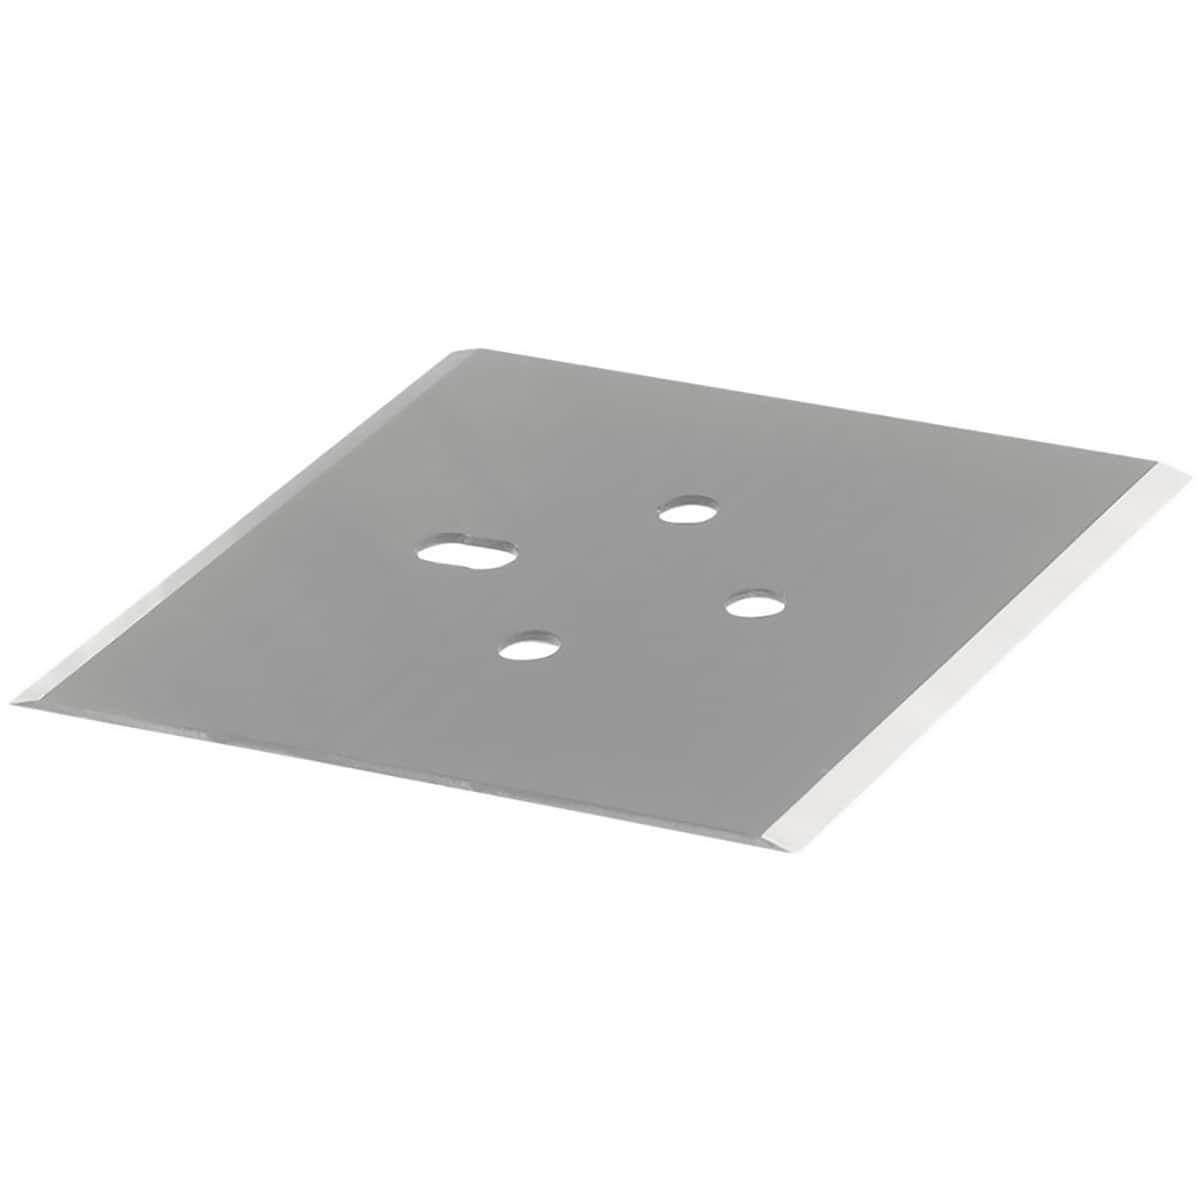 Details about  /Doit Best 4-edge paint scraper blades 2 blades